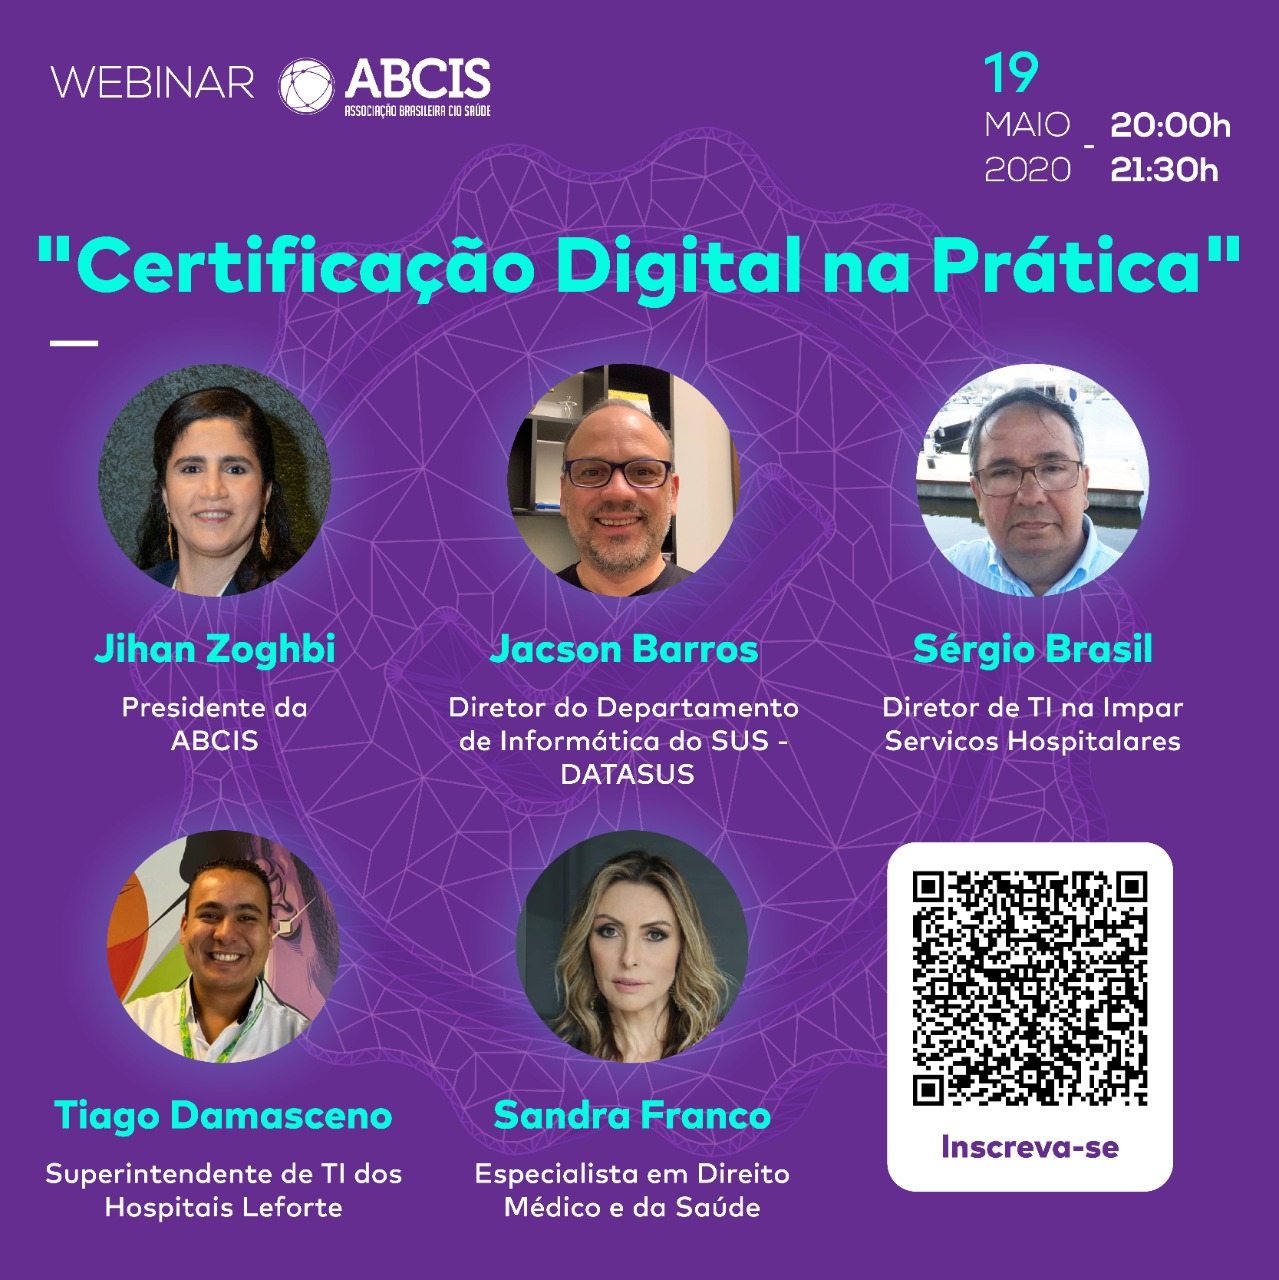 Certificação Digital na Prática